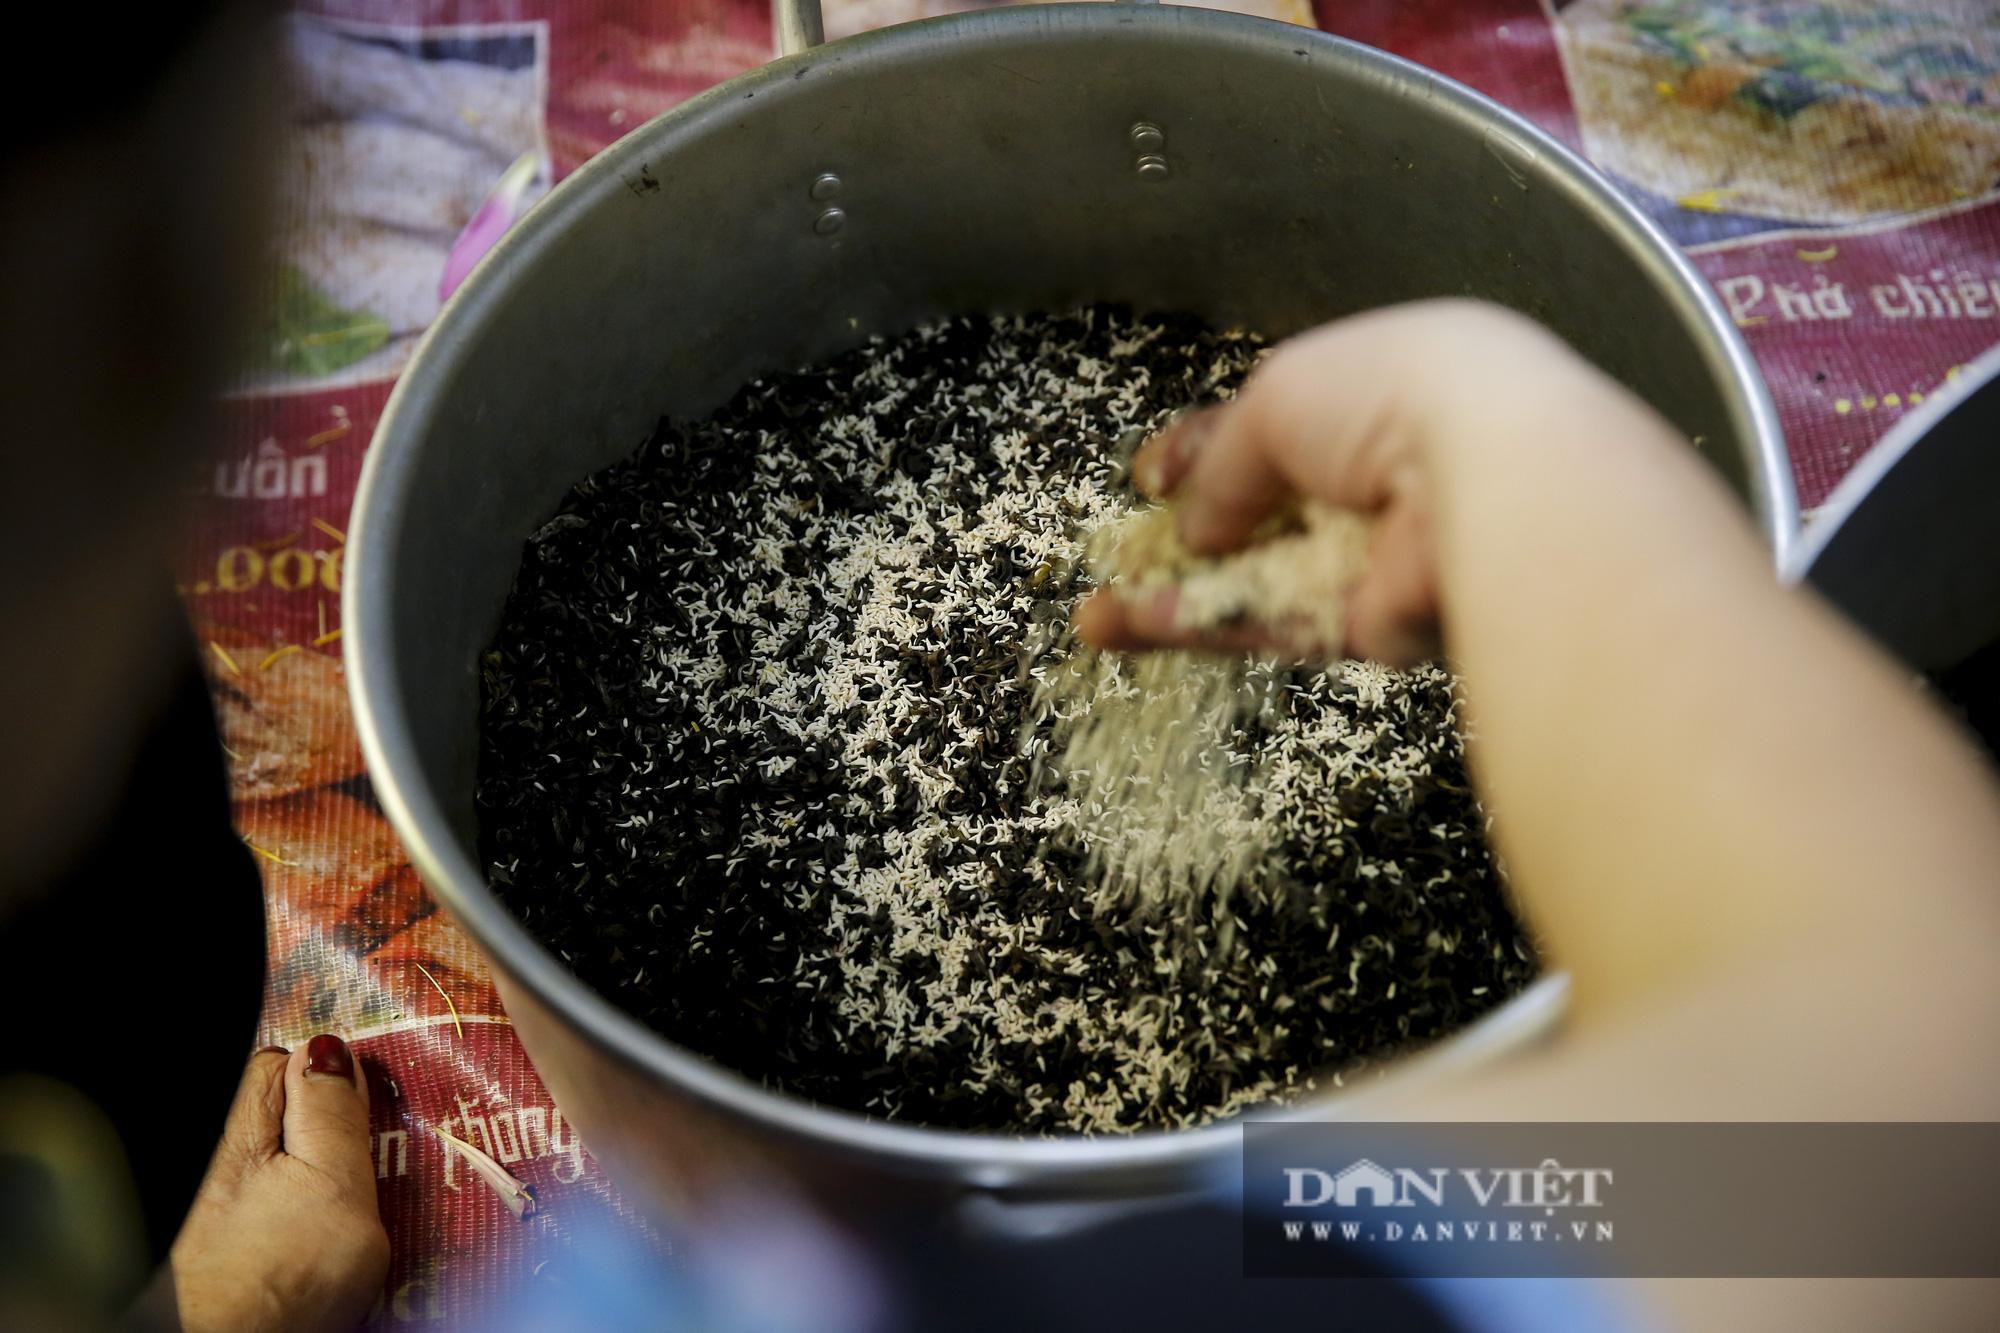 Tận mắt xem quy trình ướp trà sen đắt nhất Việt Nam - Ảnh 9.